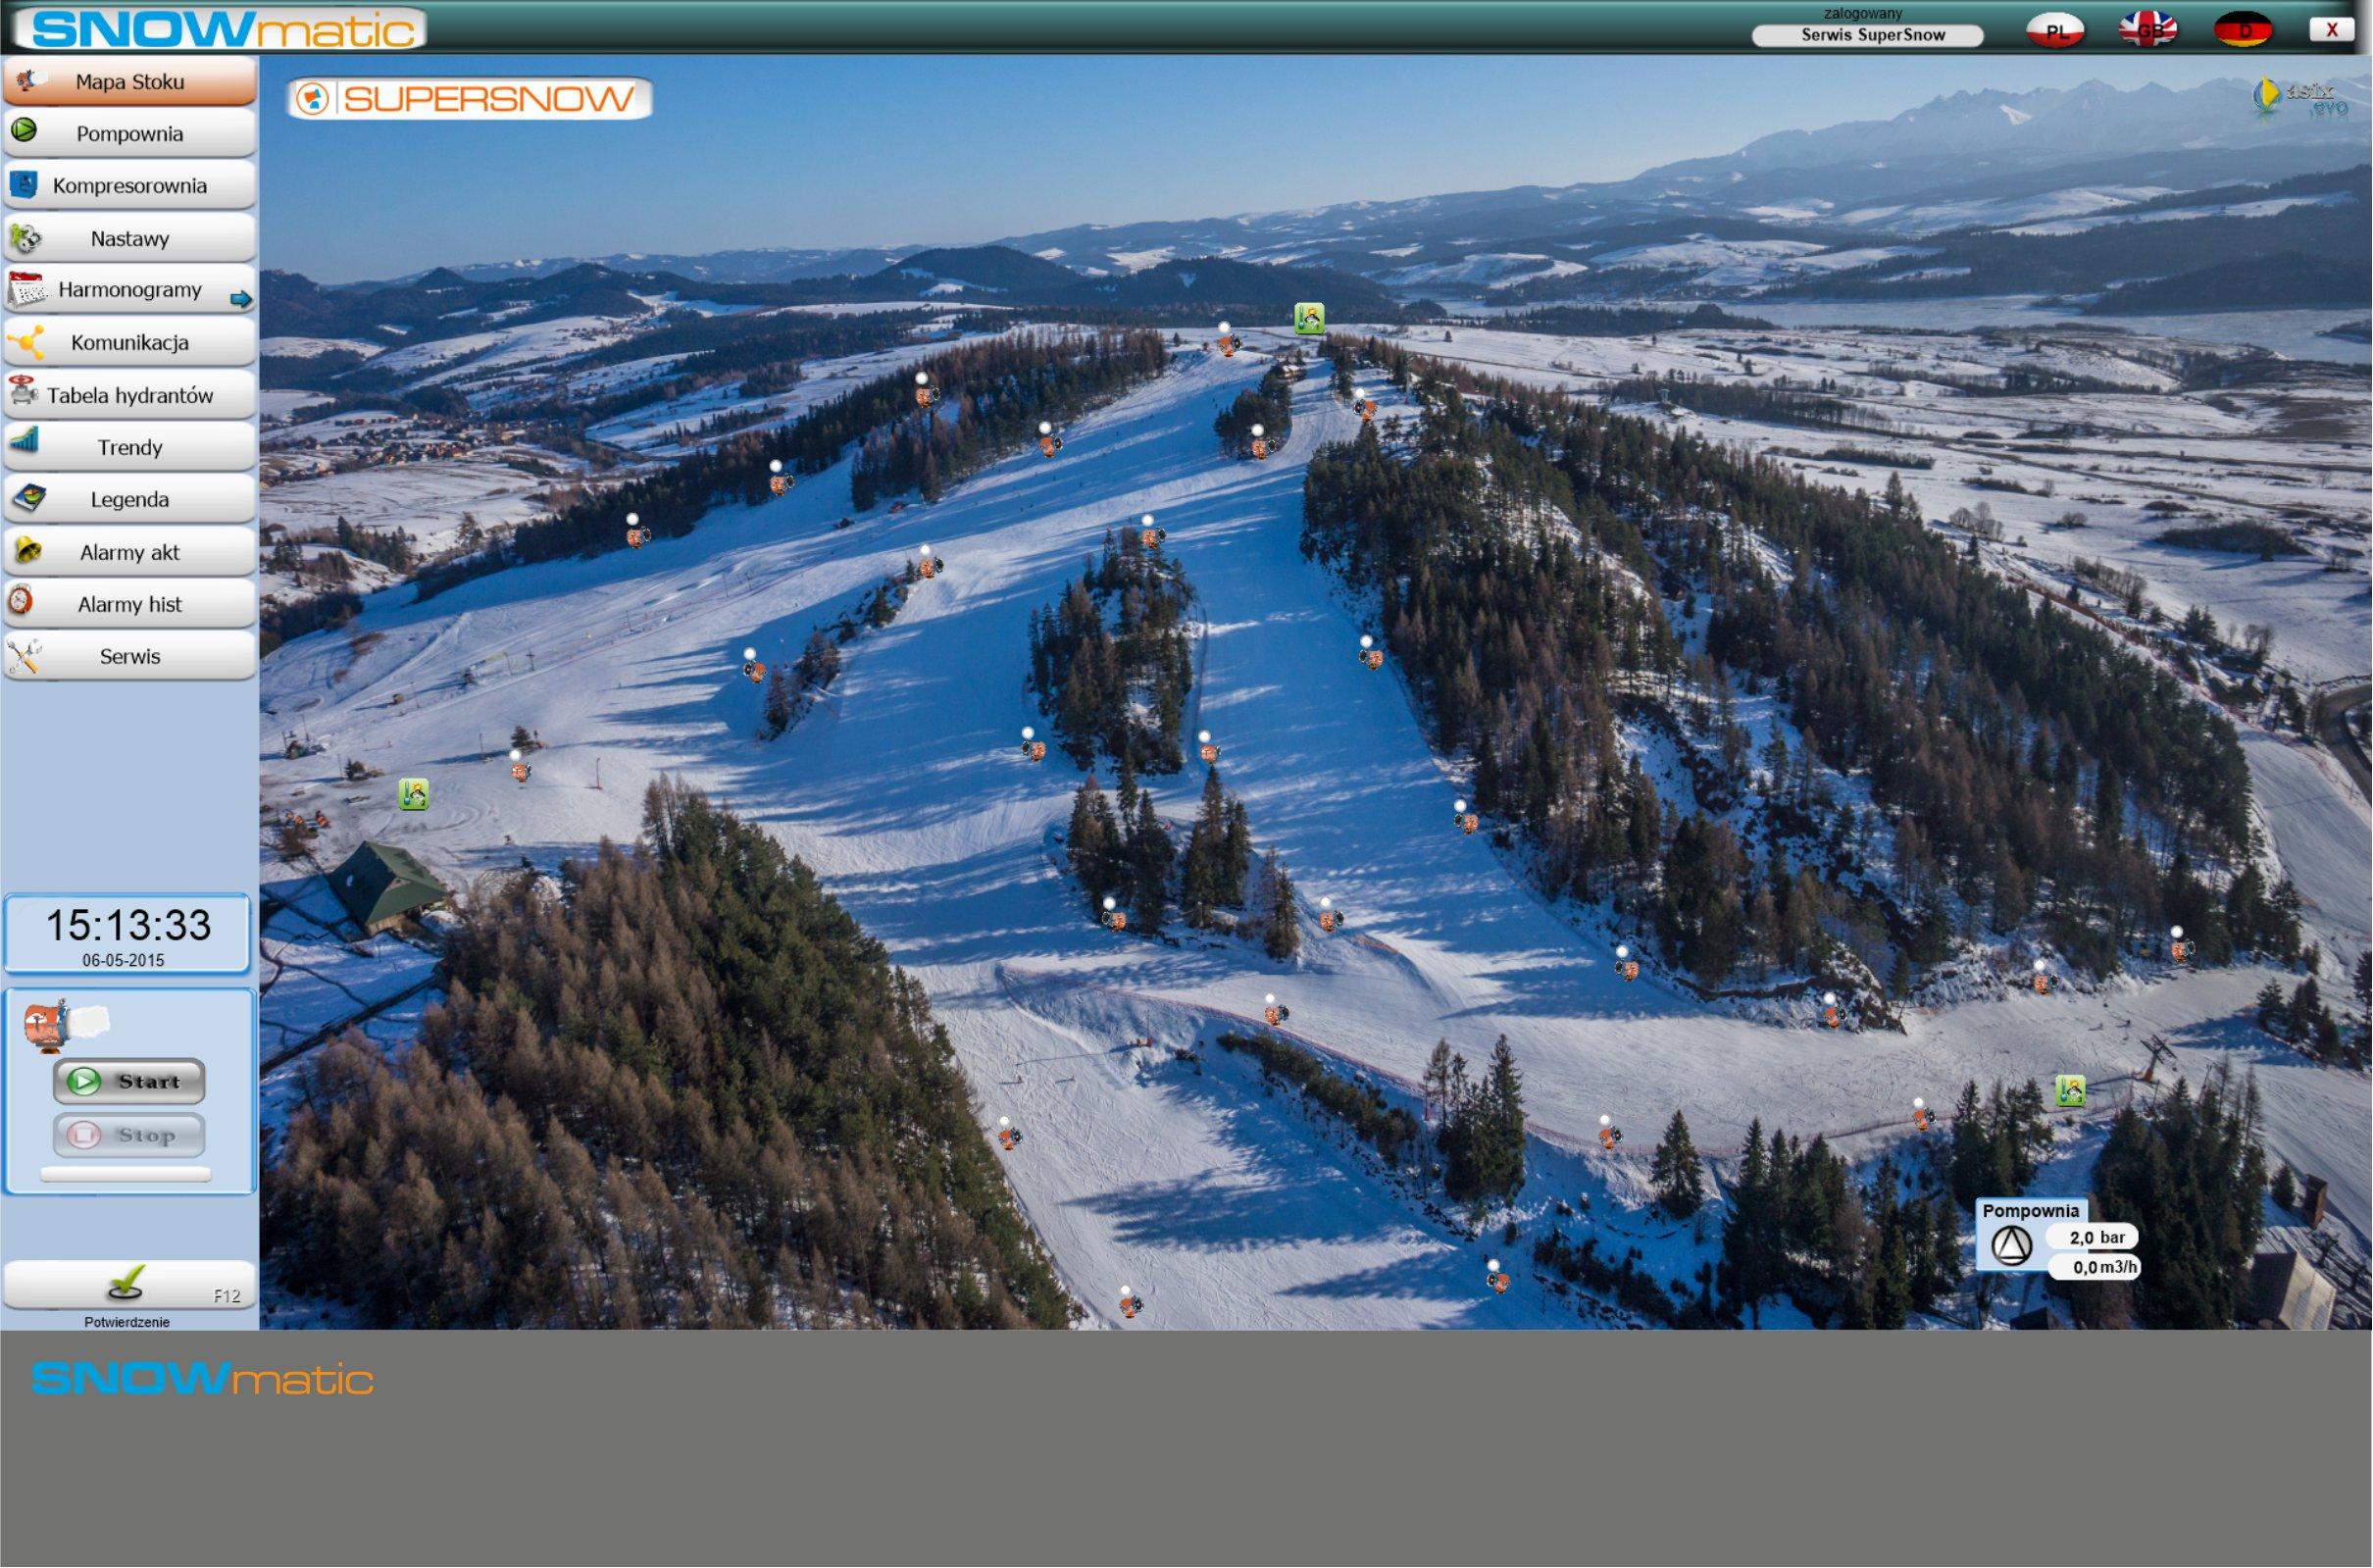 wizualizacja_stoku_snowmatic